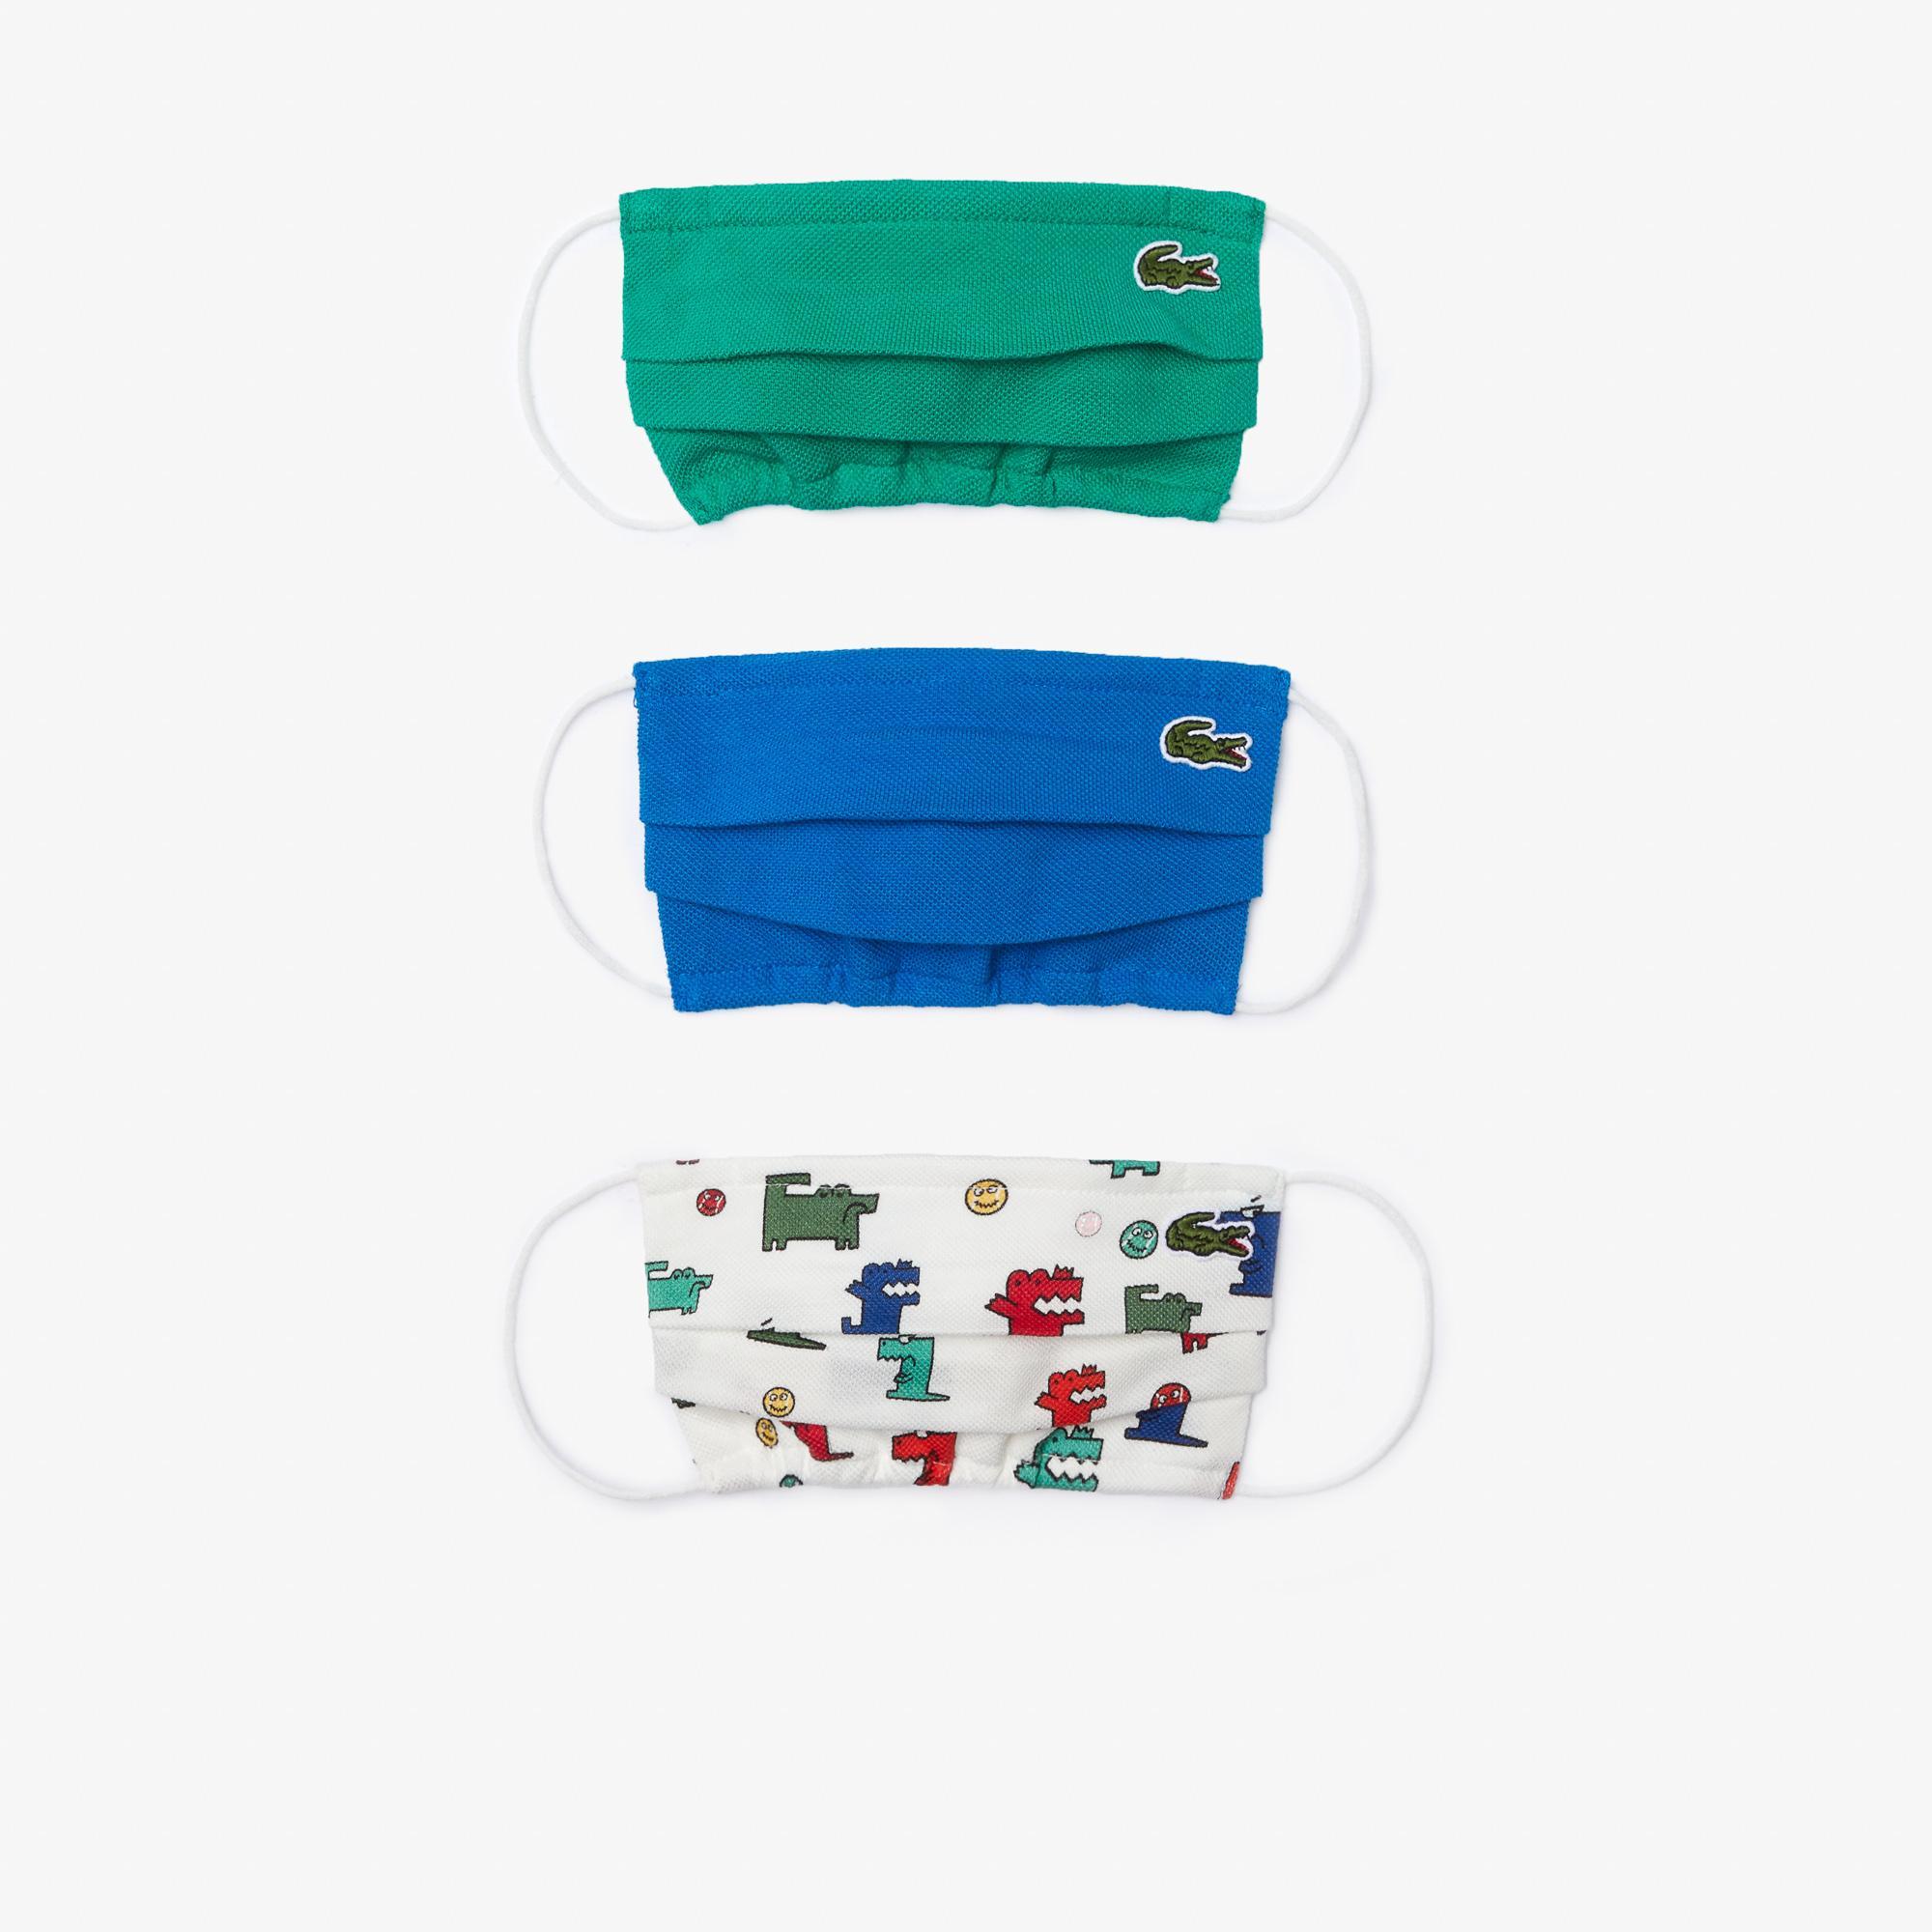 Lacoste Çocuk Baskılı Yıkanabilir Renkli 3'lü Maske